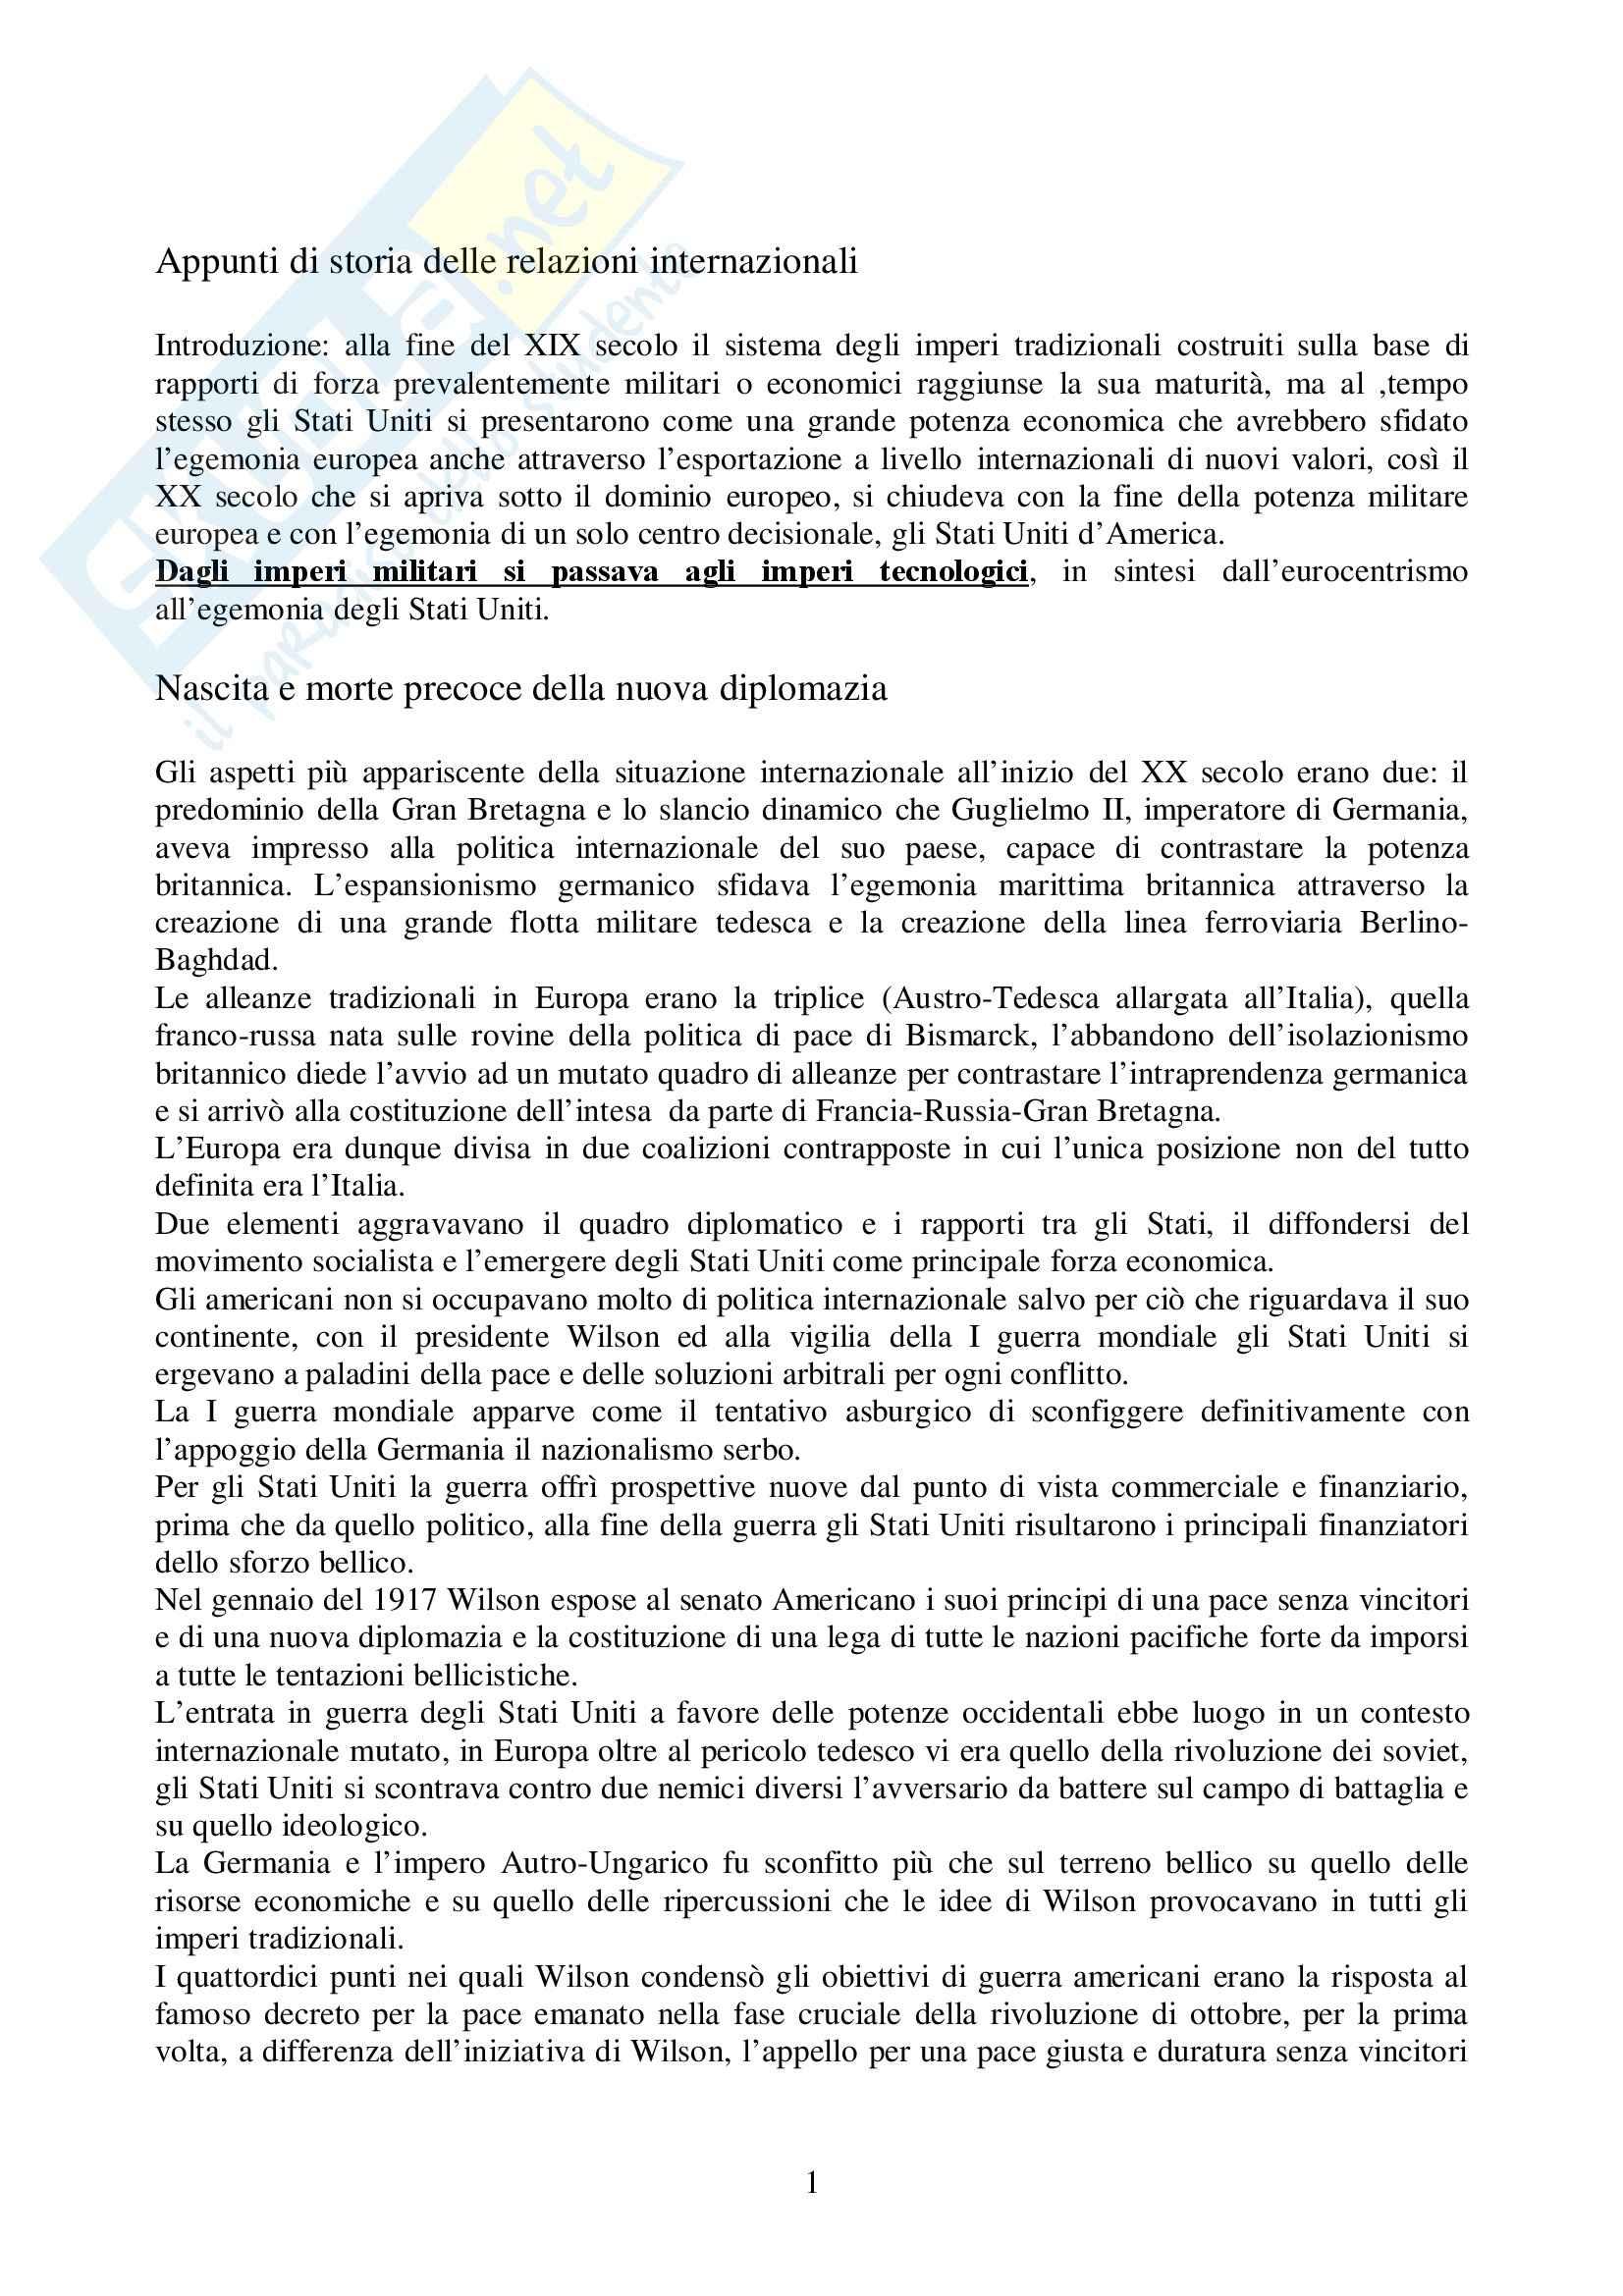 Riassunto esame Storia delle Relazioni Internazionali, prof. indefinito, libro consigliato Storia delle Relazioni Internazionali, Di Nolfo